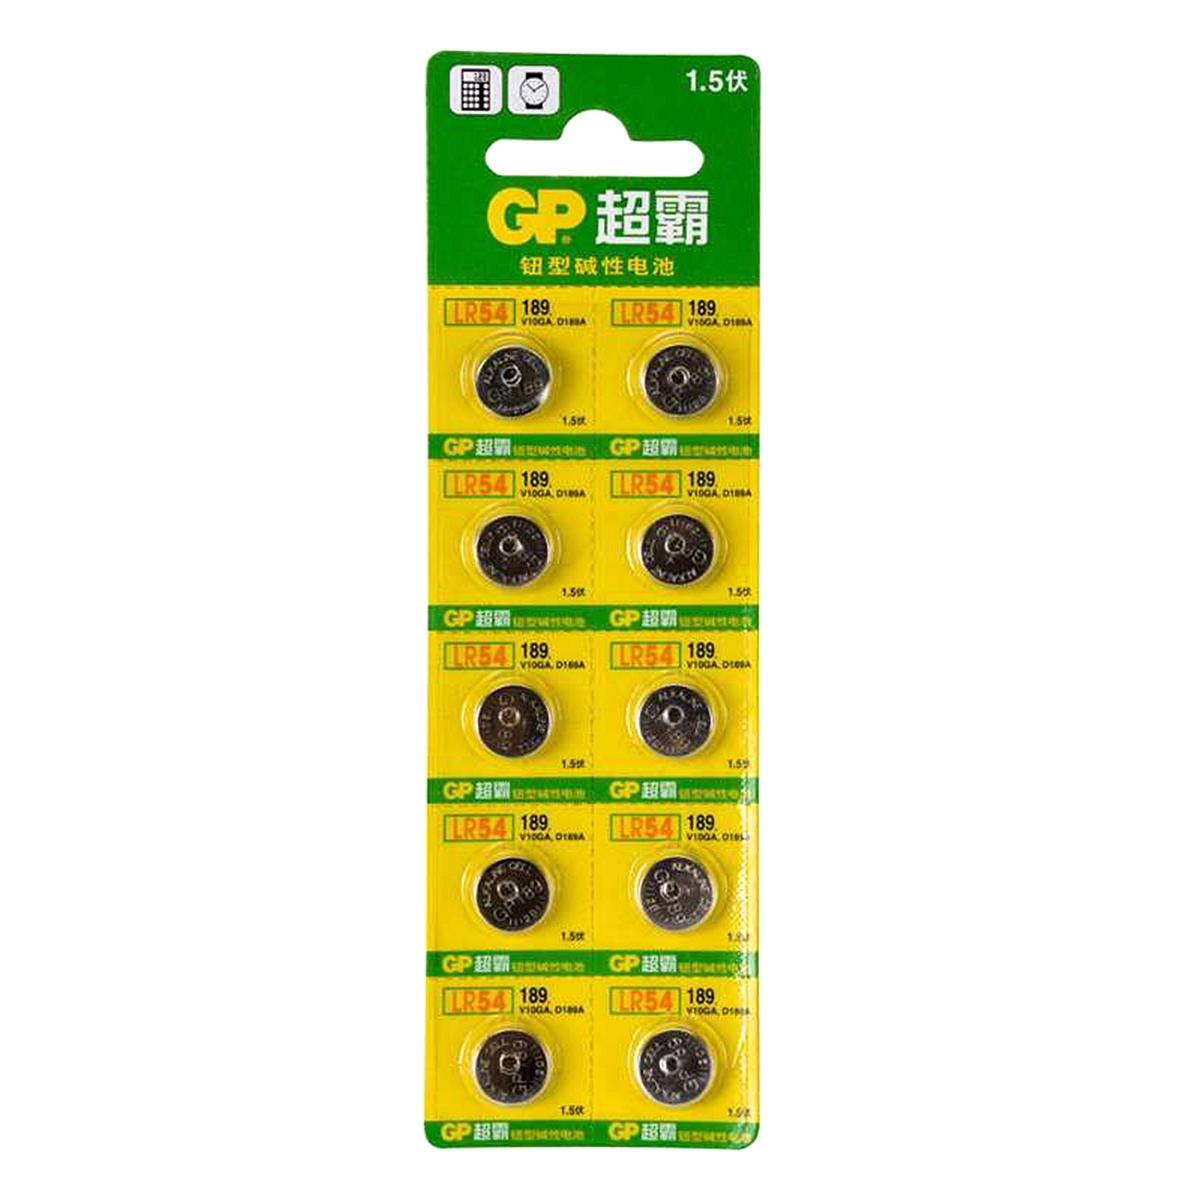 超霸 GP189-LY 碱性纽扣电池 10节/卡 (单位:卡)